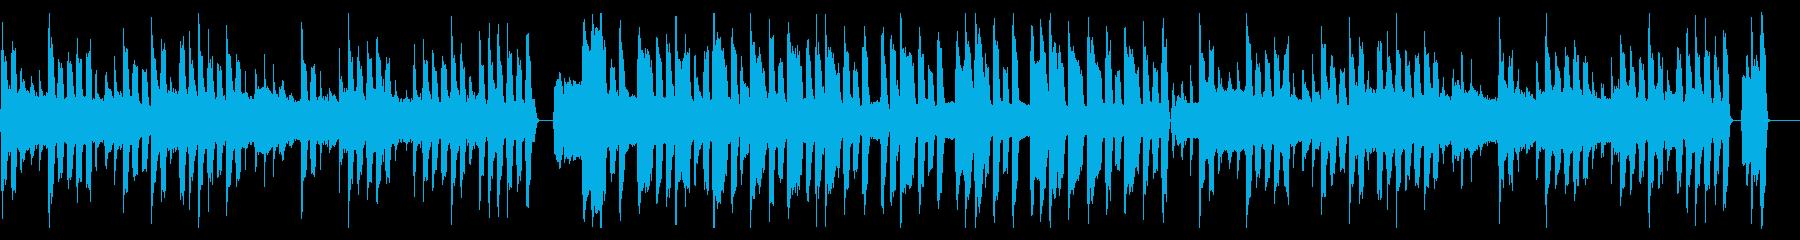 ほのぼのとして可愛らしいBGMの再生済みの波形